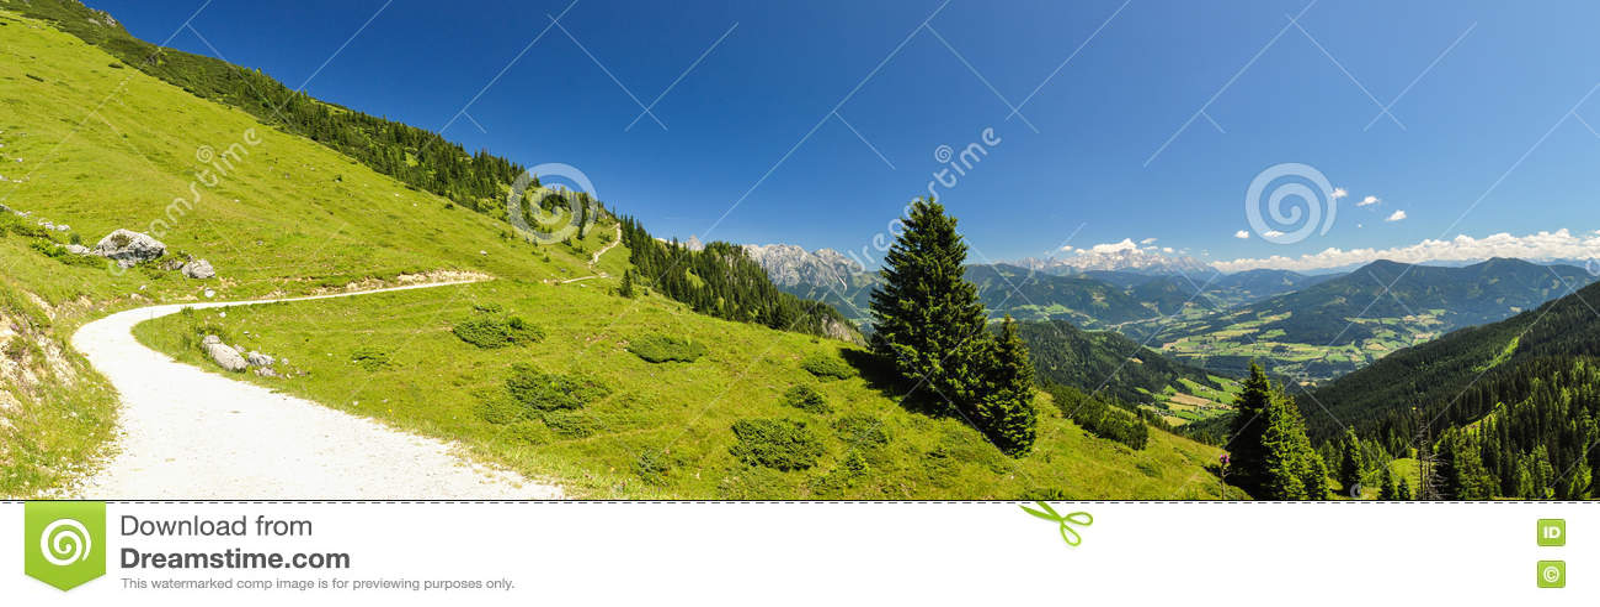 Panorama de XXL - fuga de caminhada na montanha de Hochkoenig - Áustria